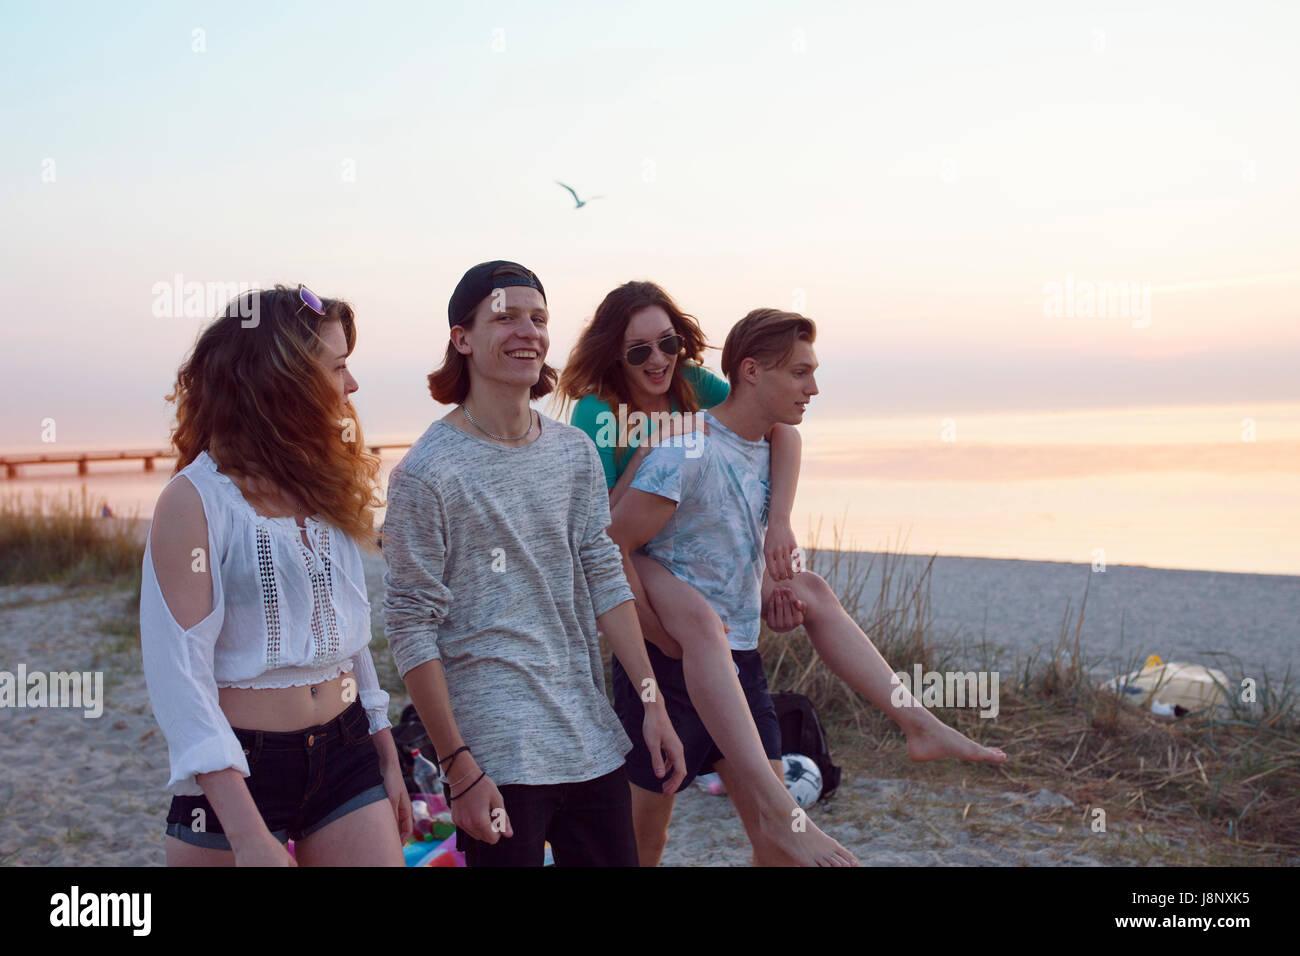 Les jeunes hommes, les jeunes femmes et teenage girl (16-17) walking on beach Banque D'Images